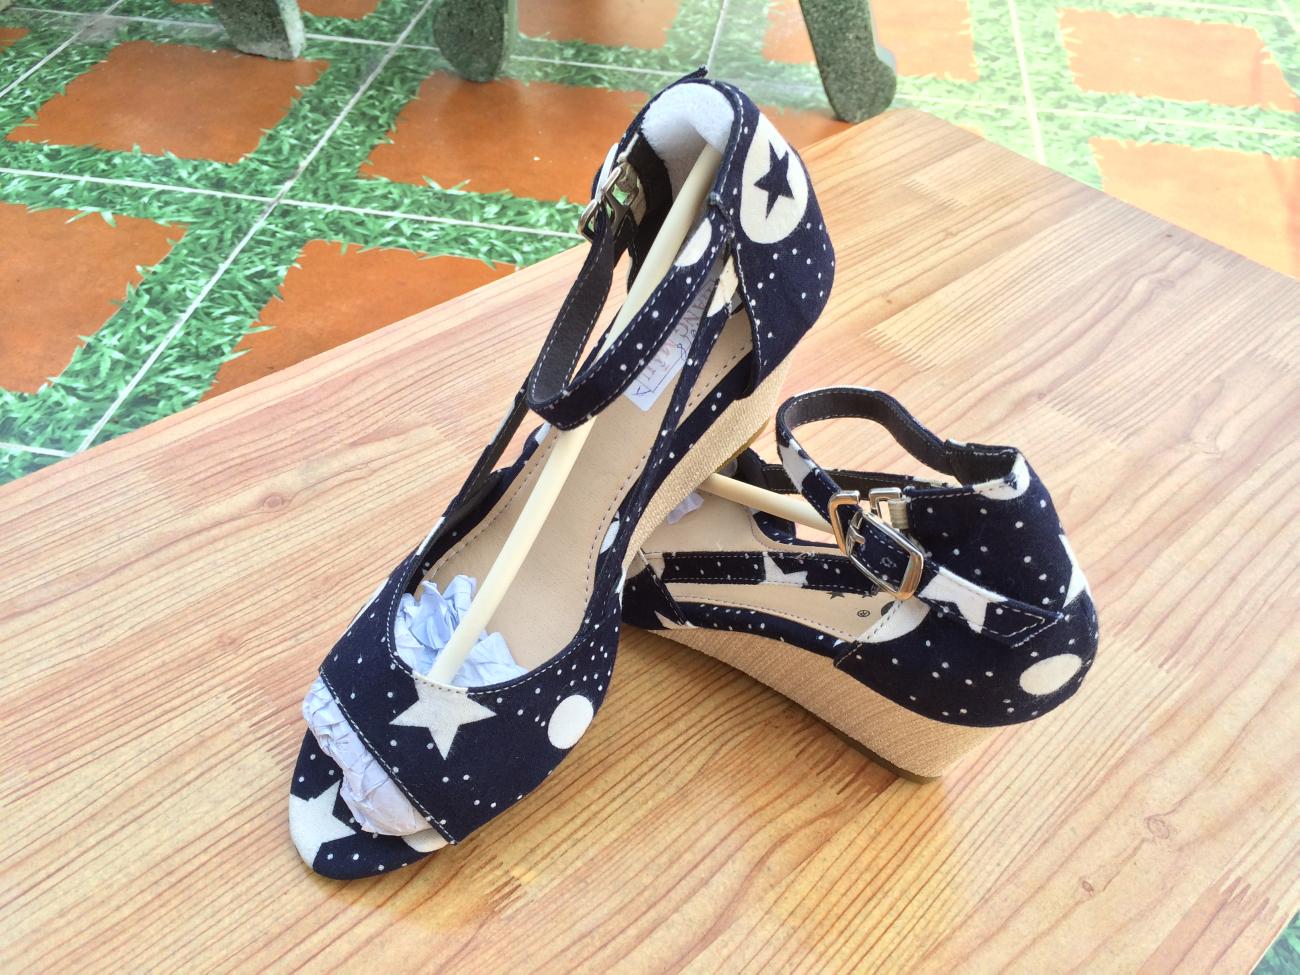 Top xưởng sỉ giày nam giá rẻ chất lượng tại H.An Dương, Hải Phòng